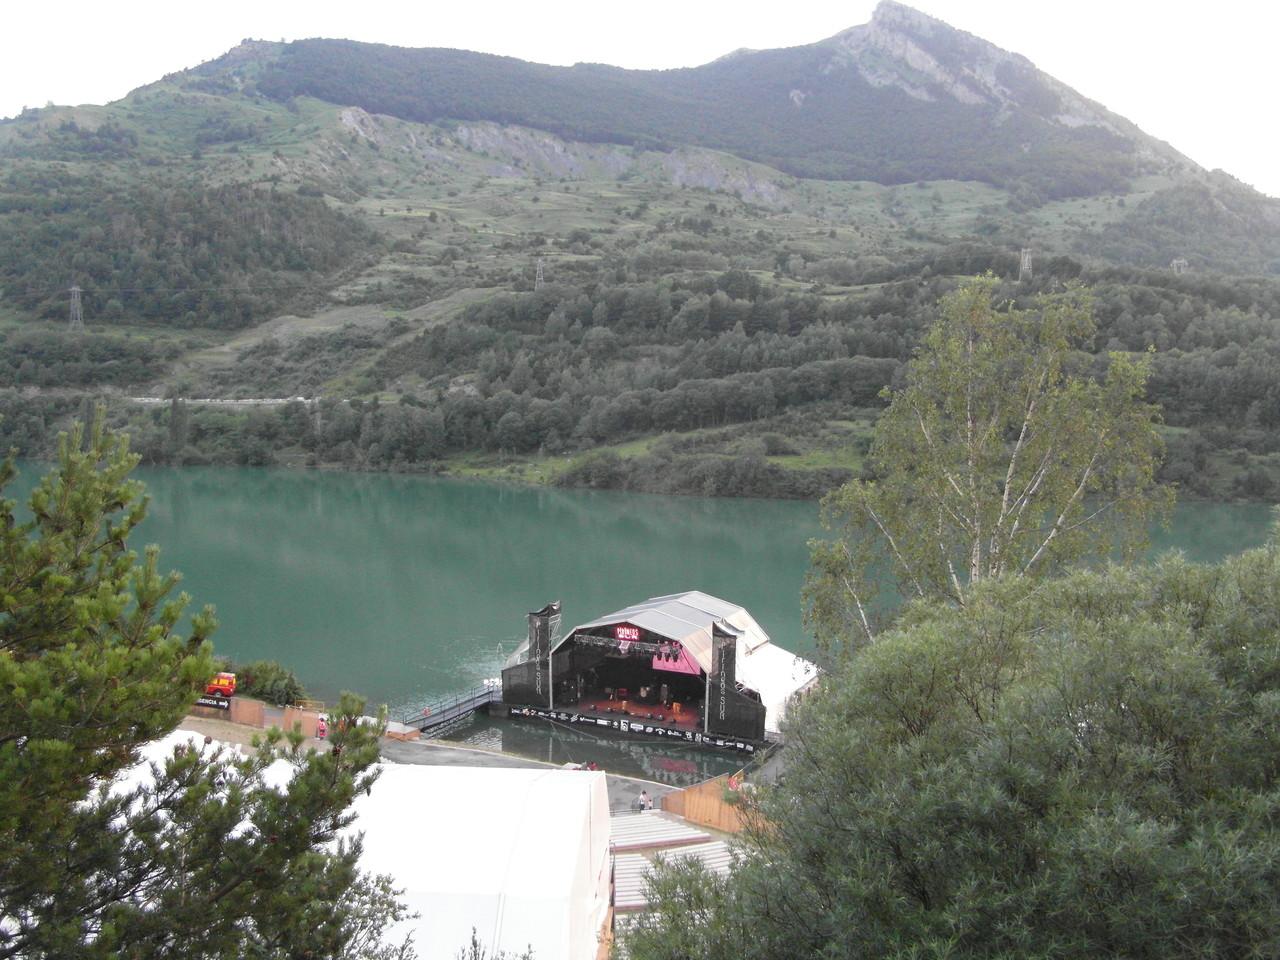 Escenario de Pirineos Sur desde el acceso al recinto